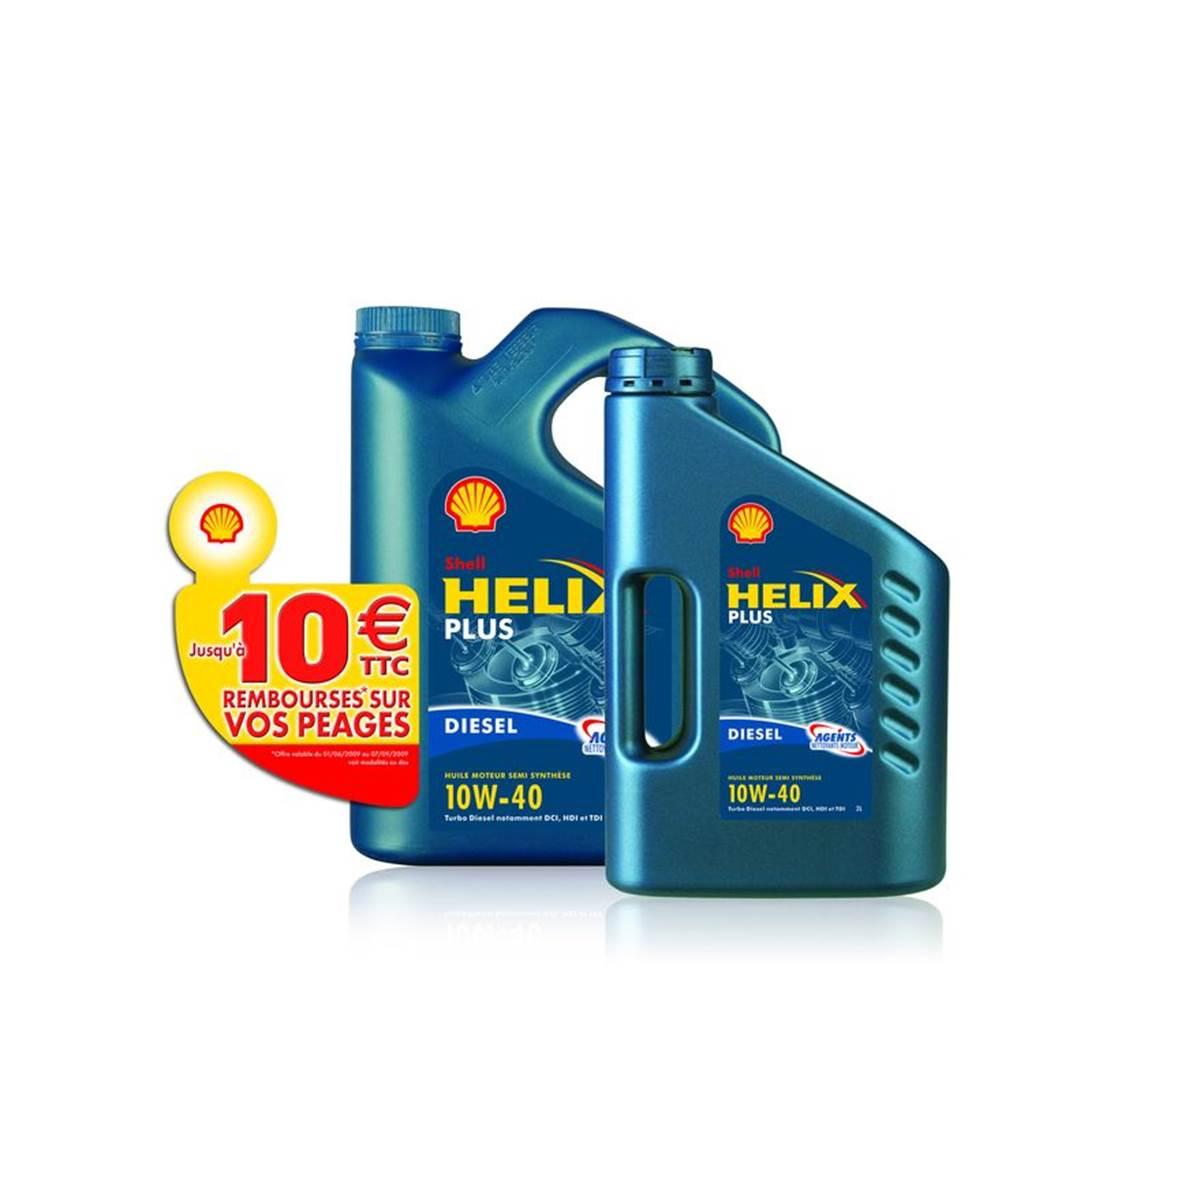 Huile Shell Helix Plus 10w40 D 5L+2L+10E péage